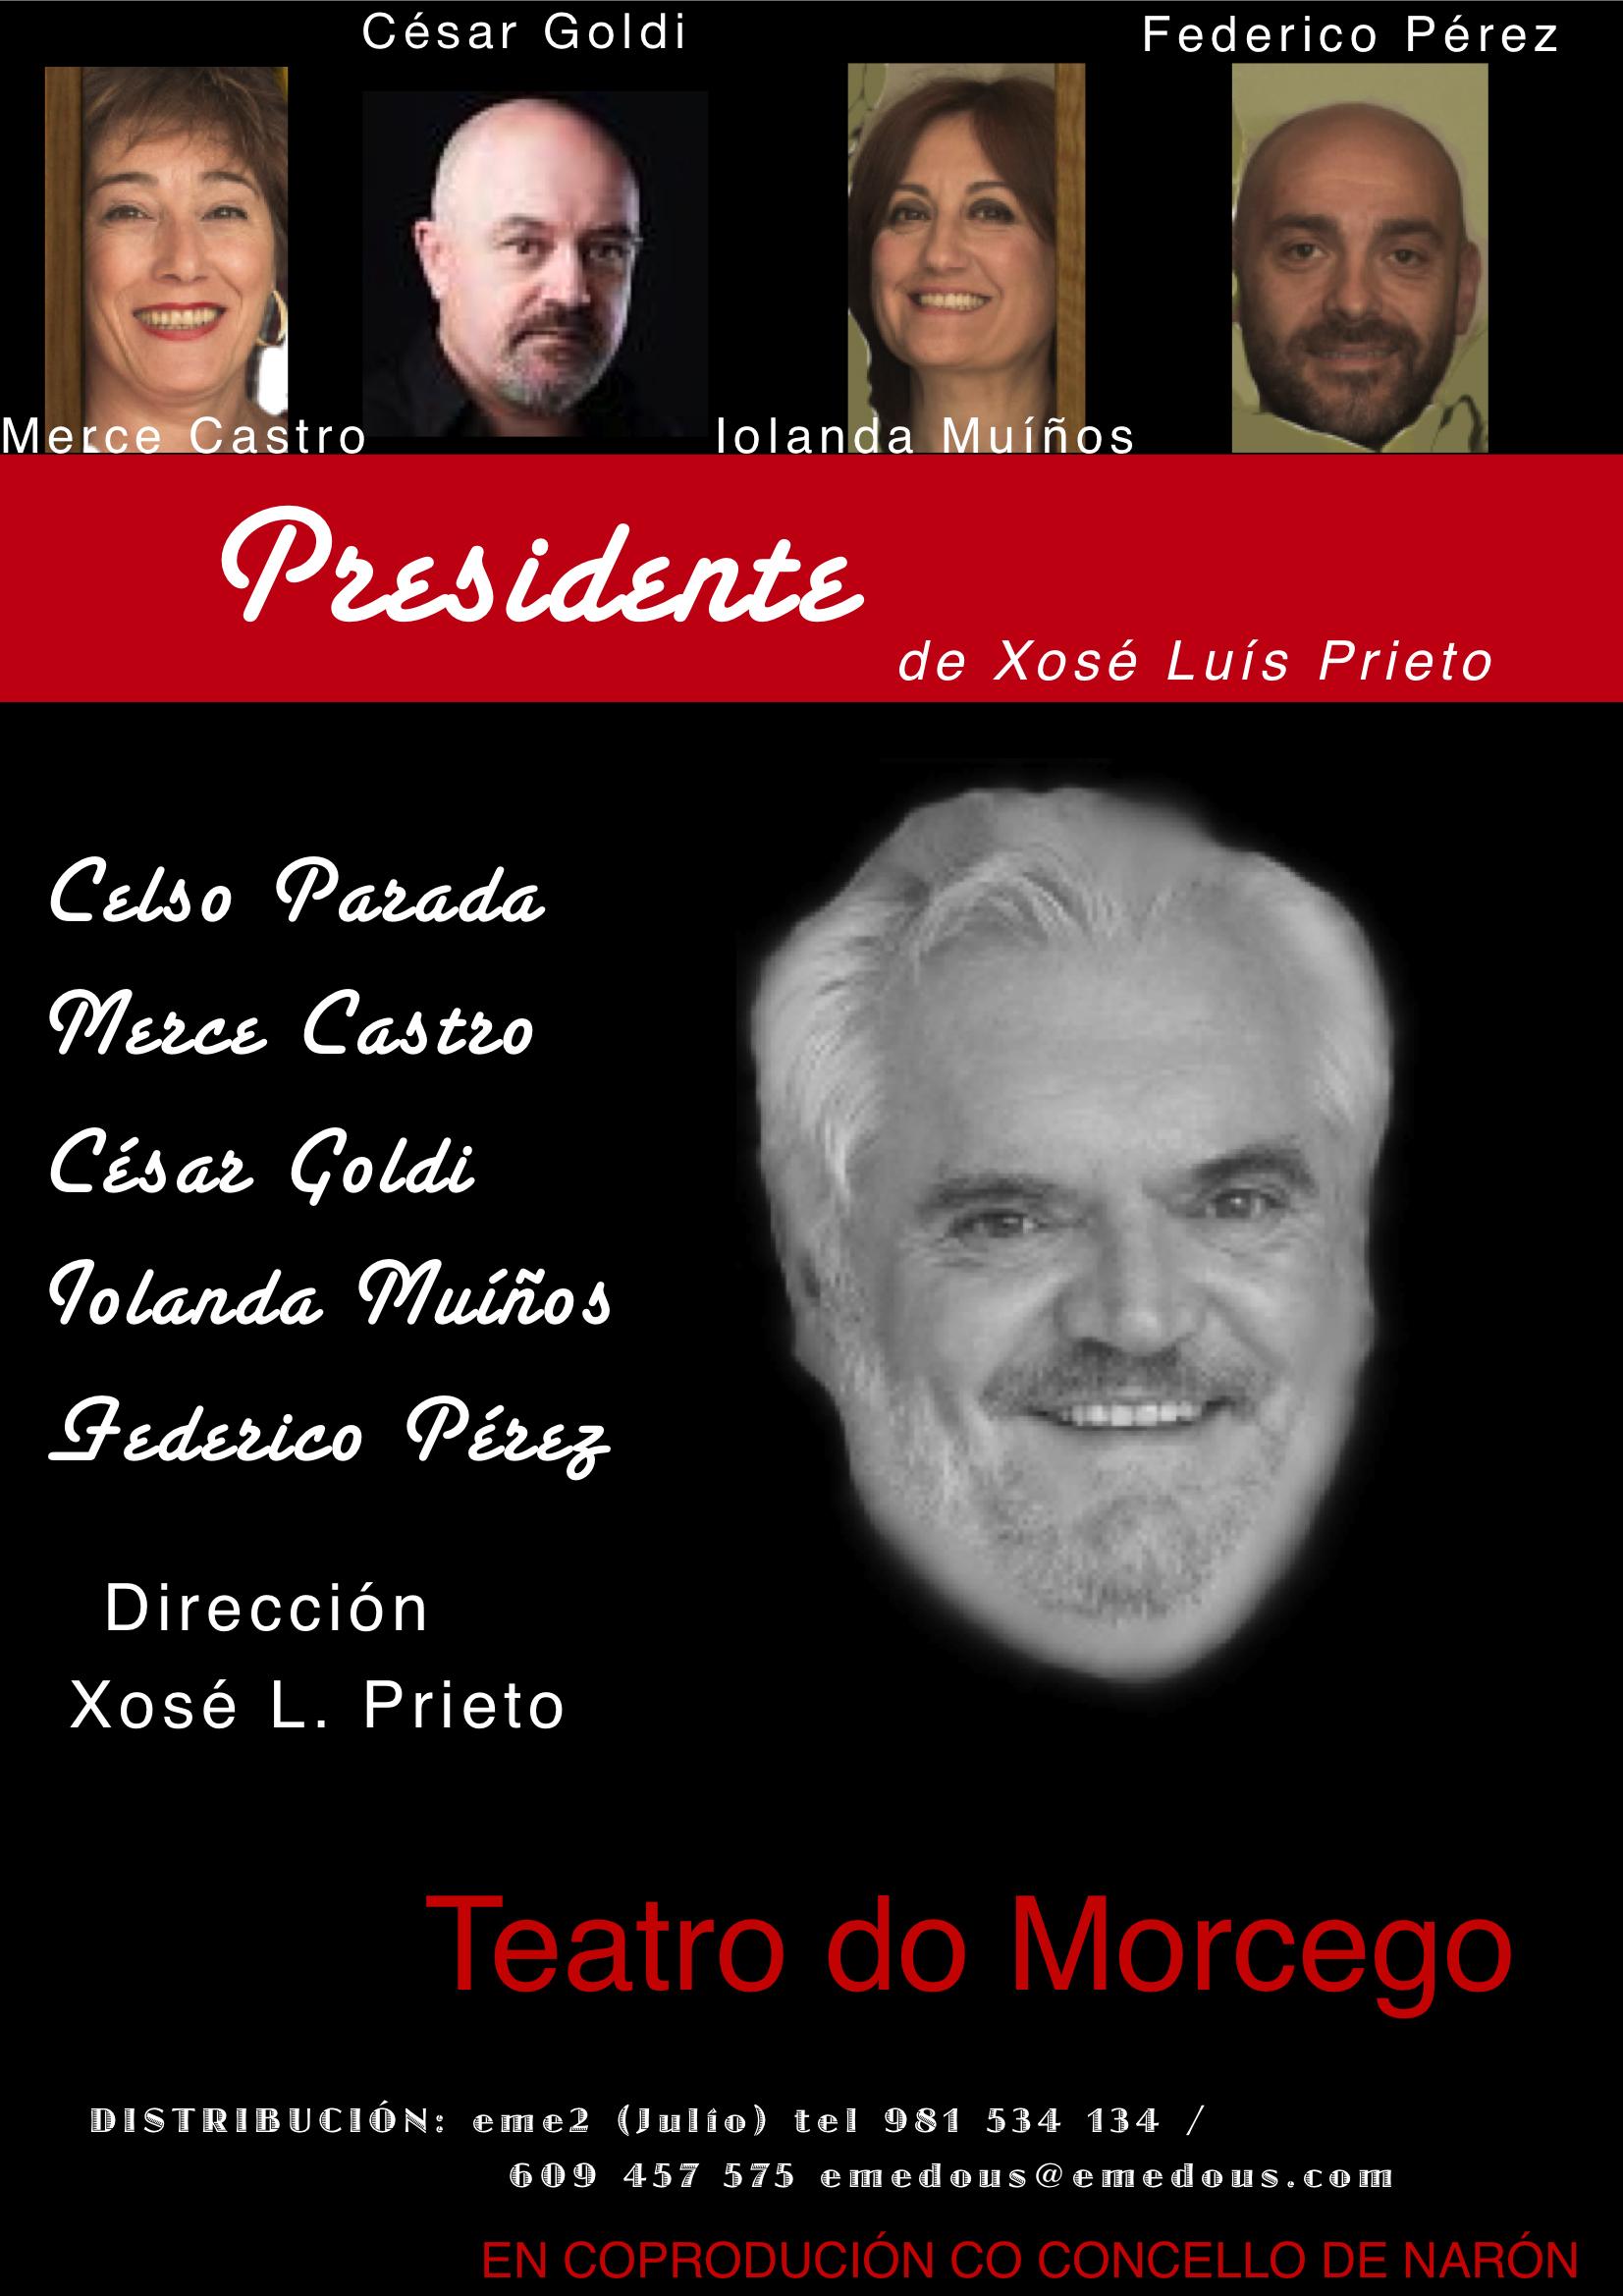 Teatro do Morcego - Presidente